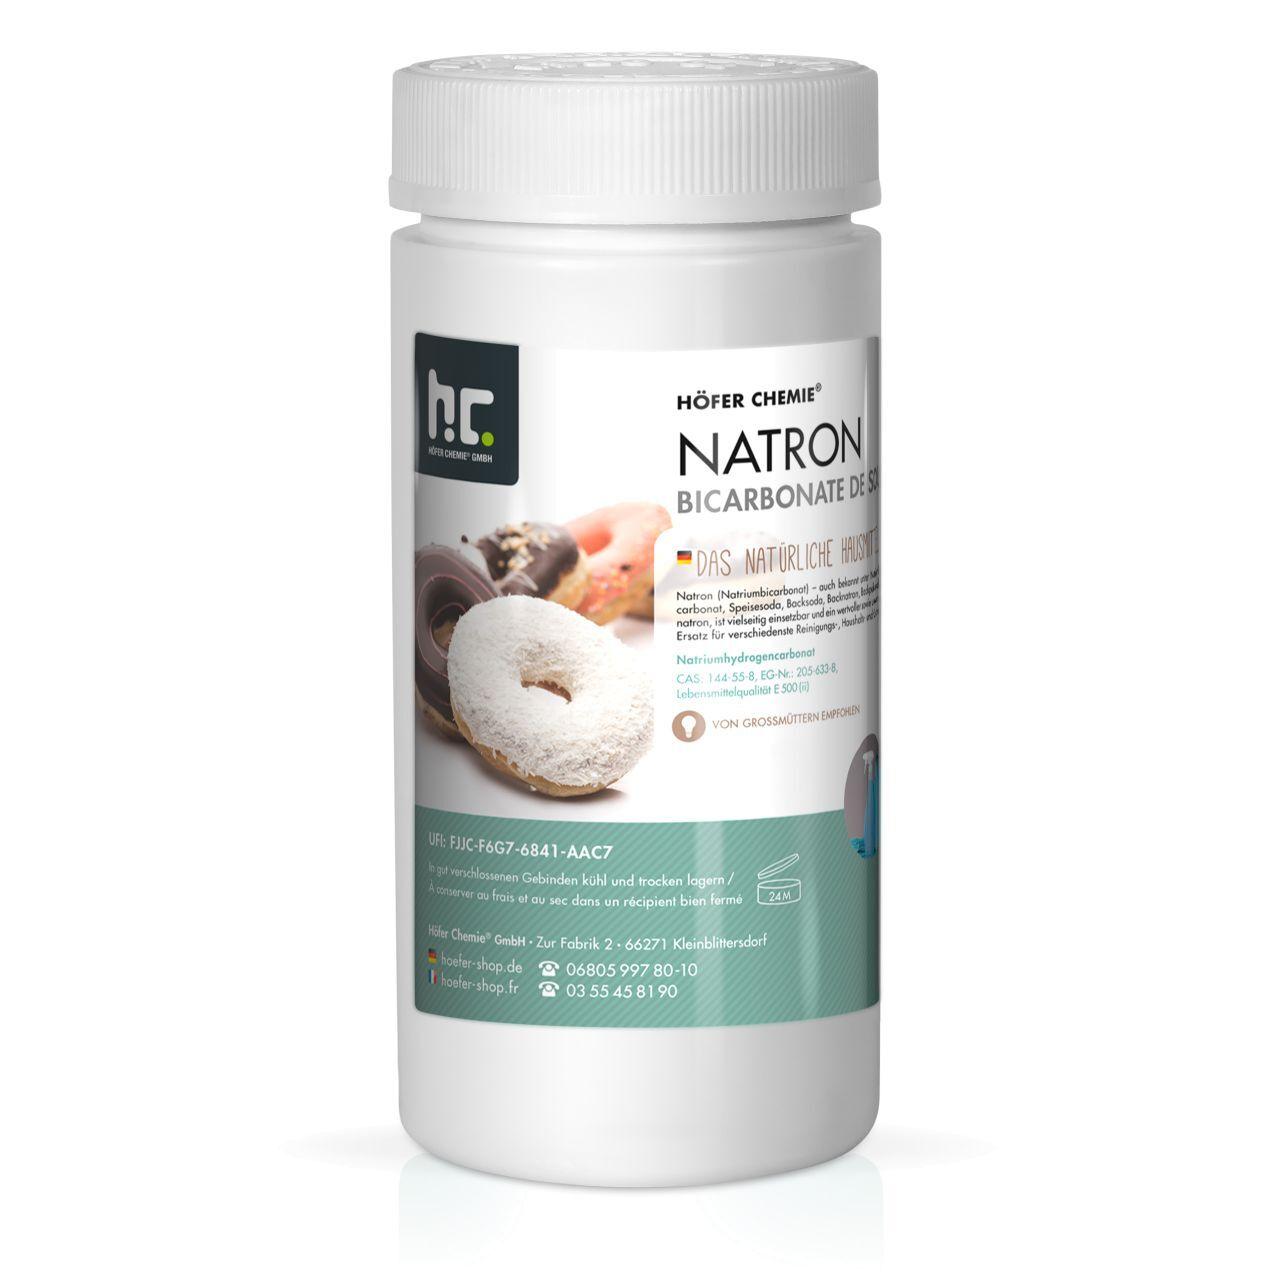 Höfer Chemie 4 kg de bicarbonate de sodium en qualité alimentaire (4 x 1 kg)